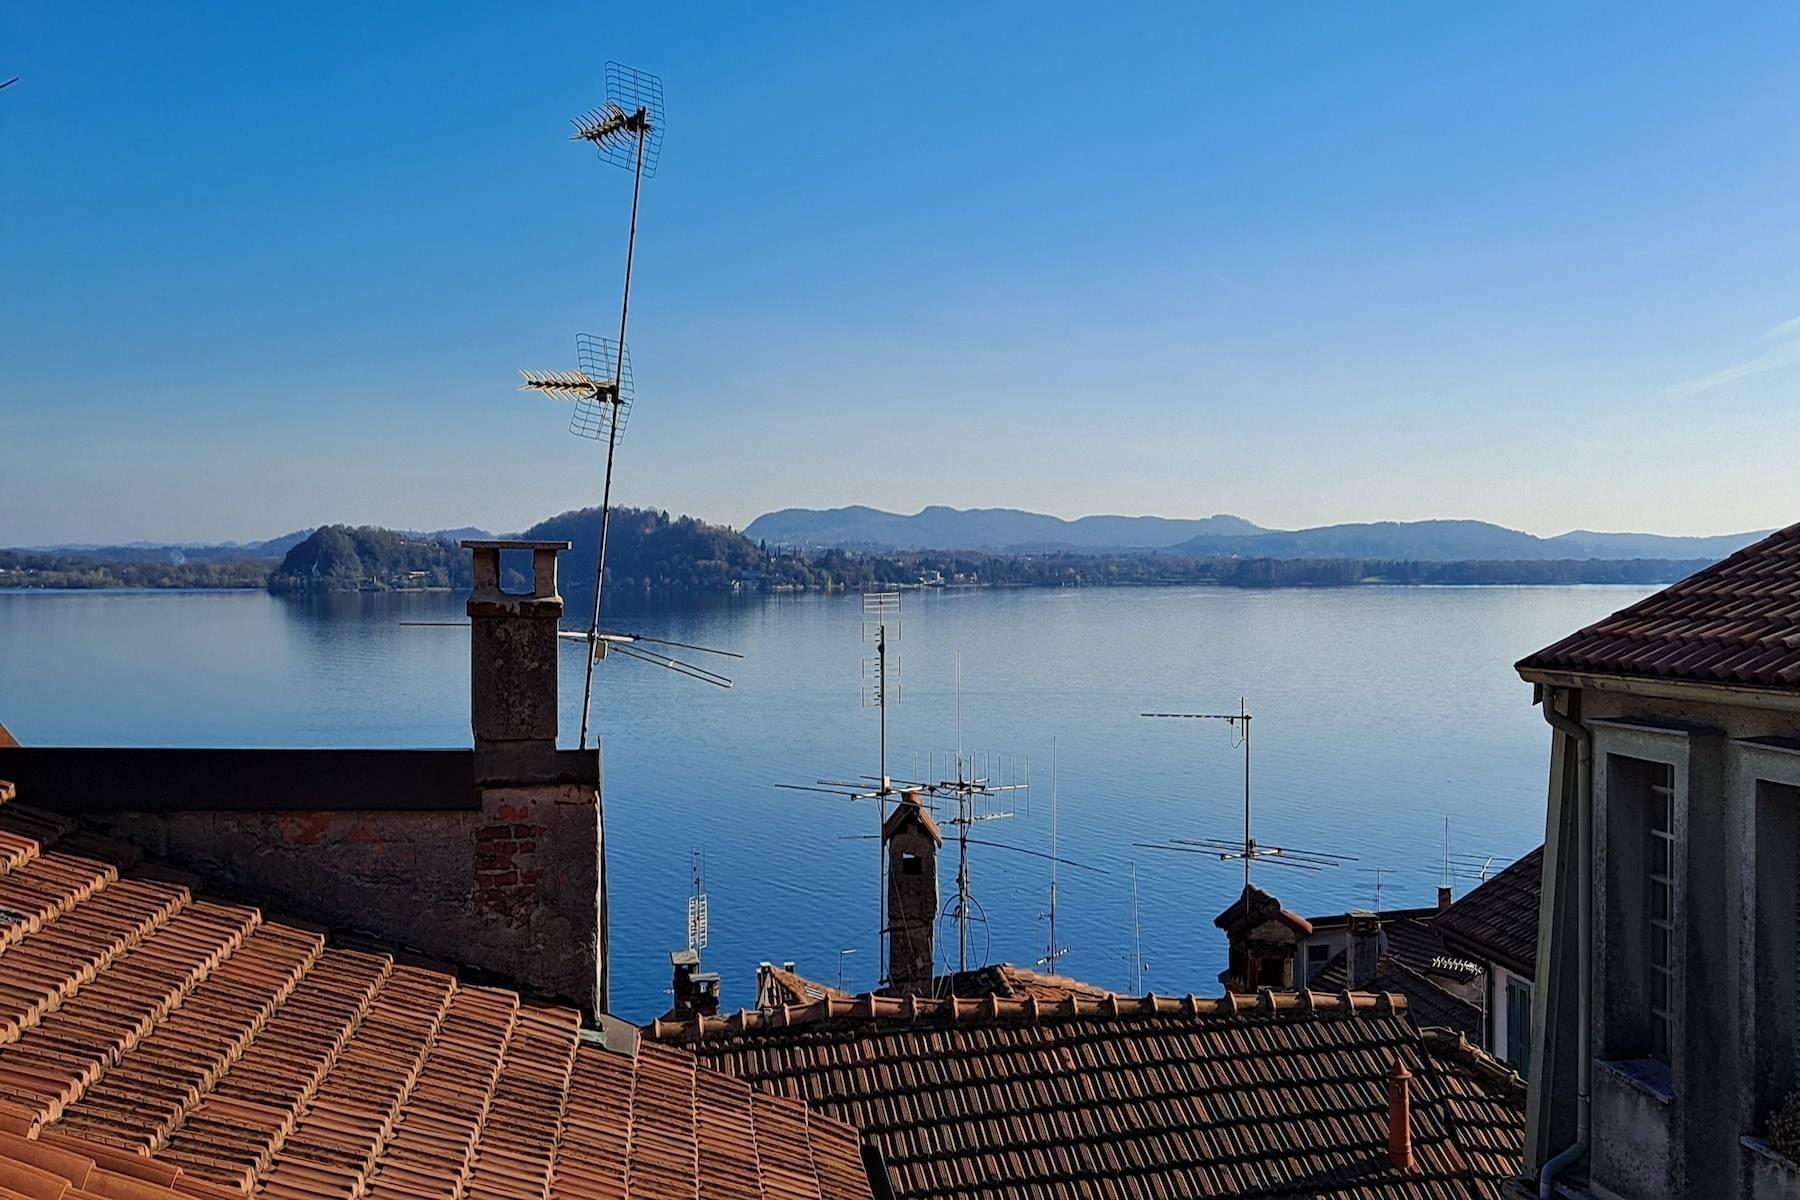 Appartamento accogliente a Belgirate con vista sul Lago Maggiore - 24